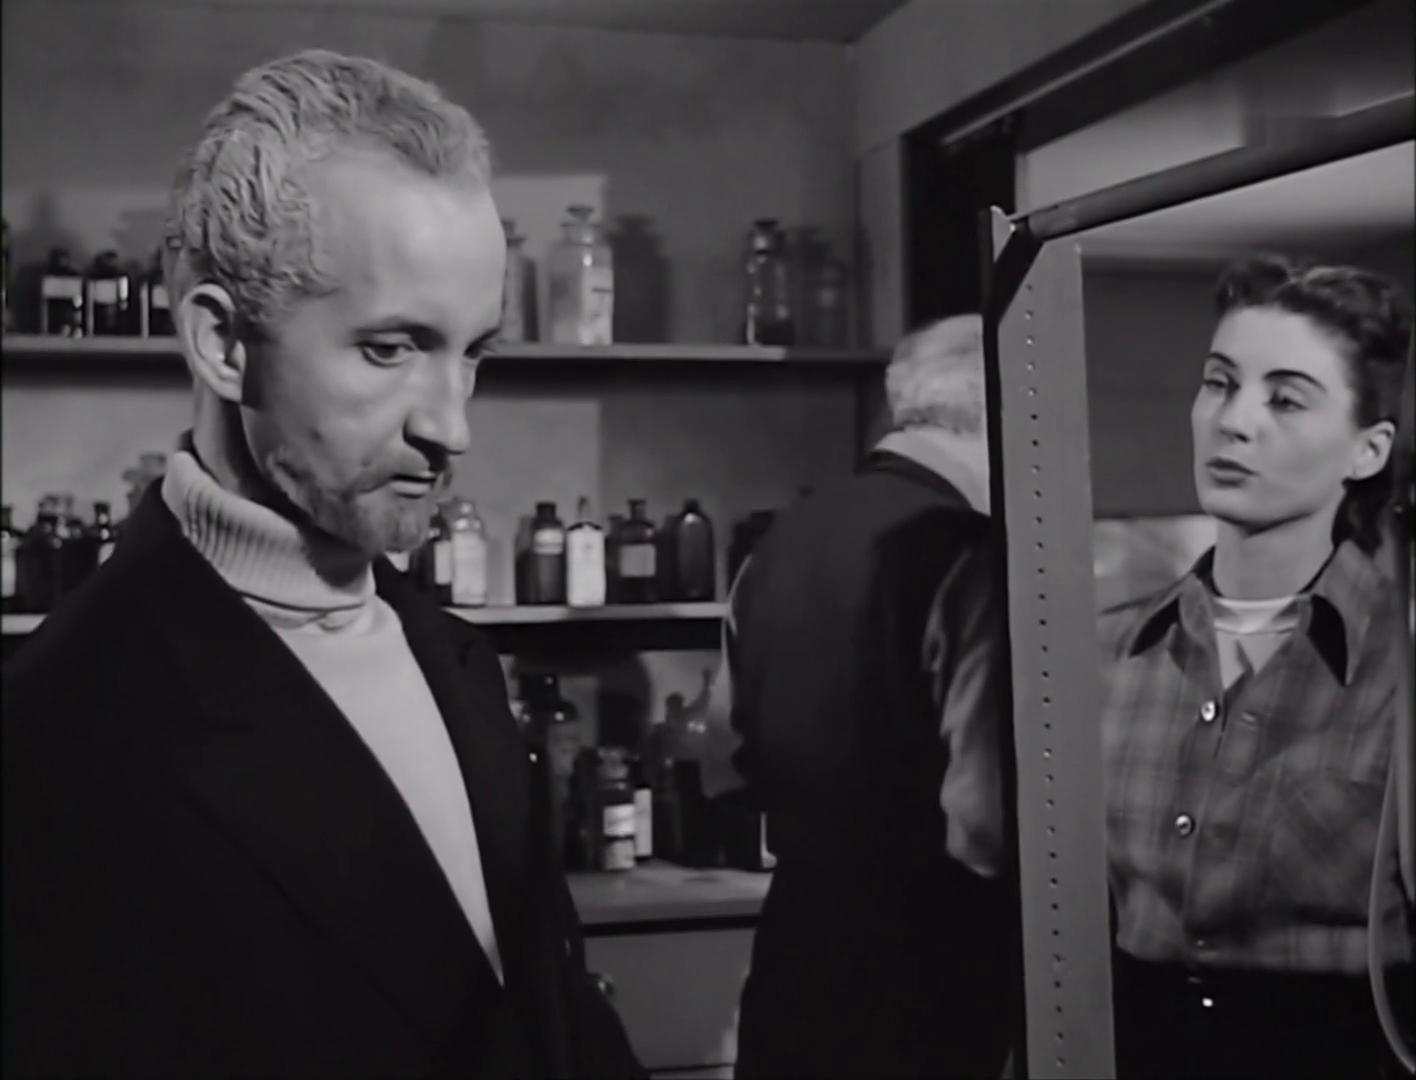 Robert Cornthwaite et Margaret Sheridan dans le film américain The thing from another world (La chose d'un autre monde, 1951) de Christian Nyby